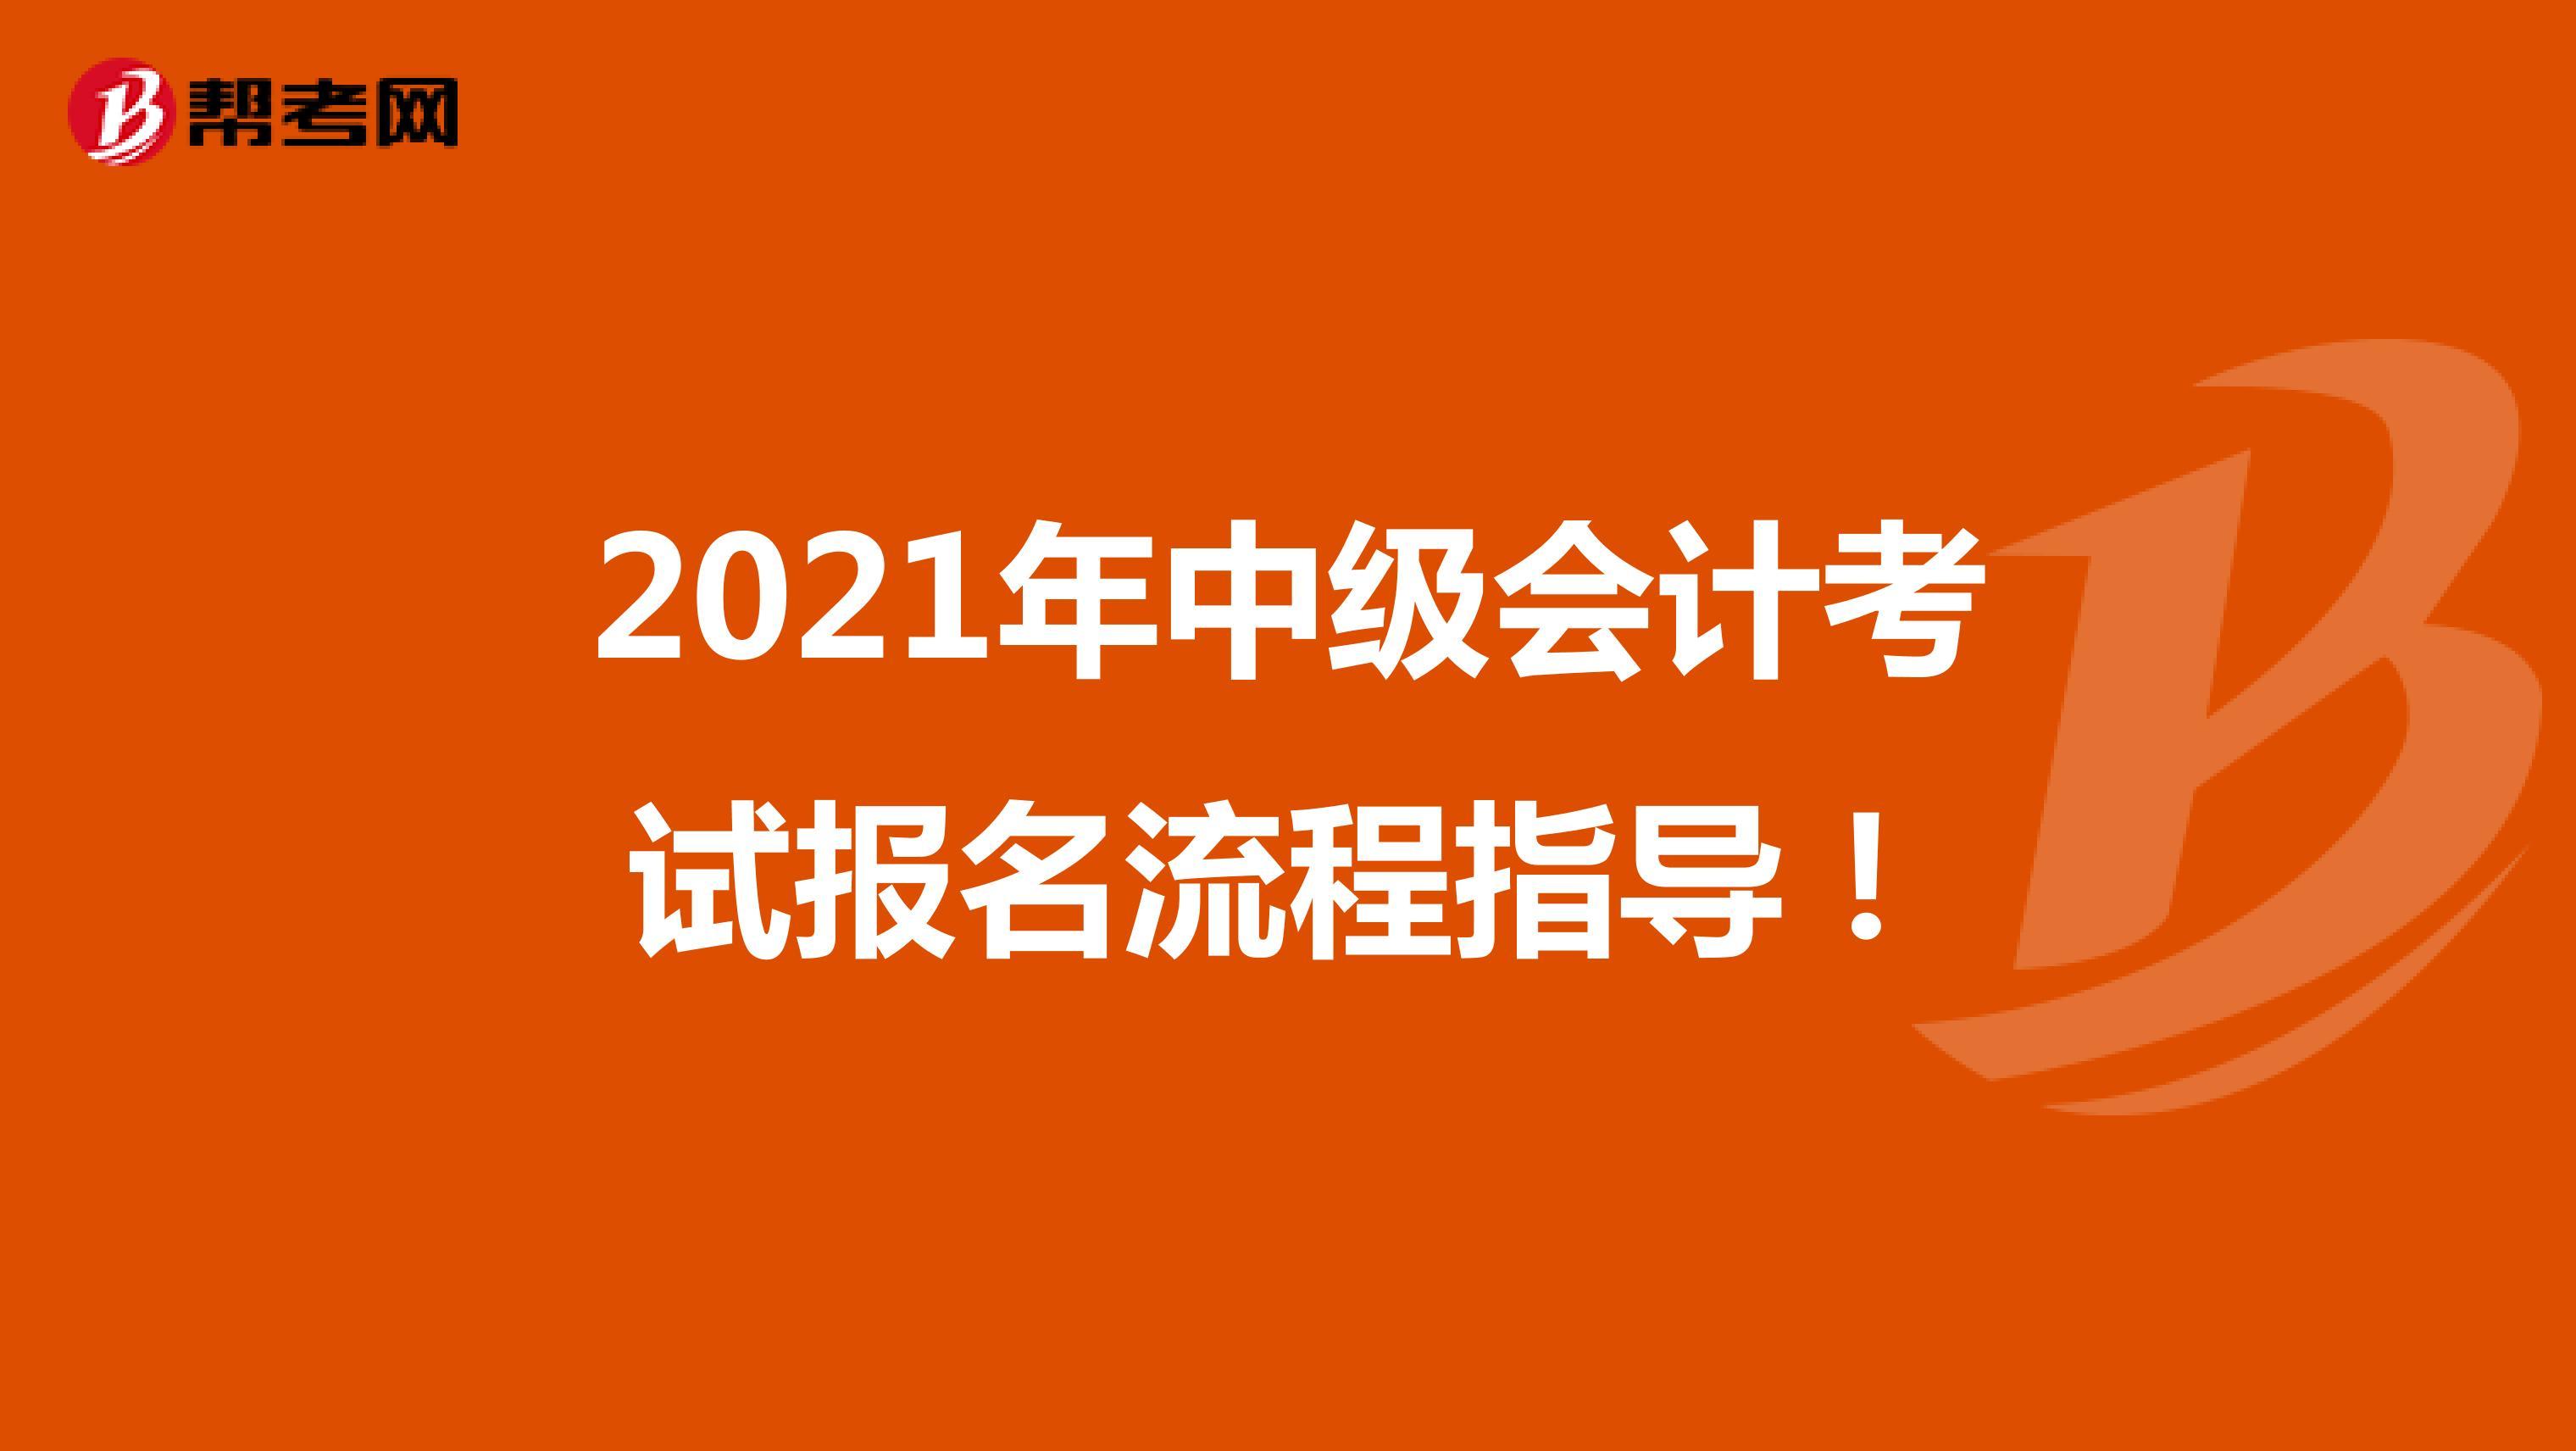 2021年中级会计考试报名流程指导!